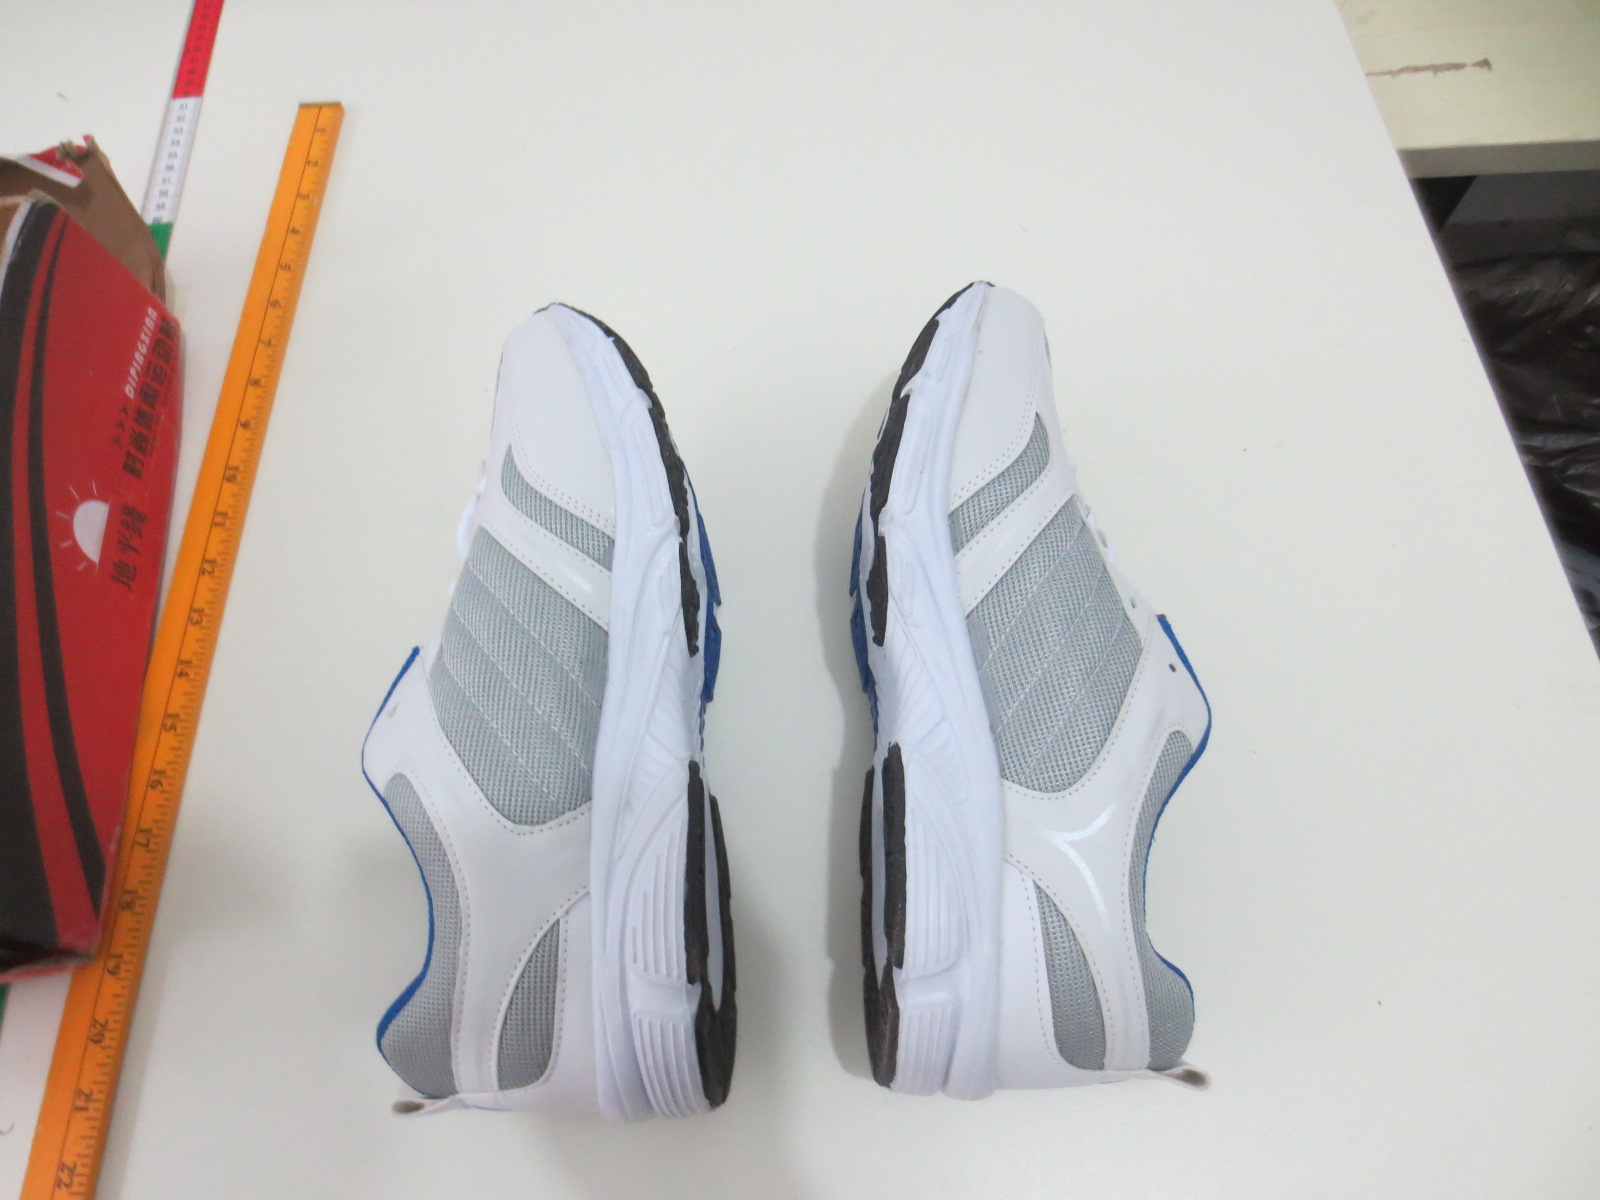 Кроссовки Большой конце мужчин очень большие легкие туфли жира широкий тип добавляется код 45/46/47/48/49/50